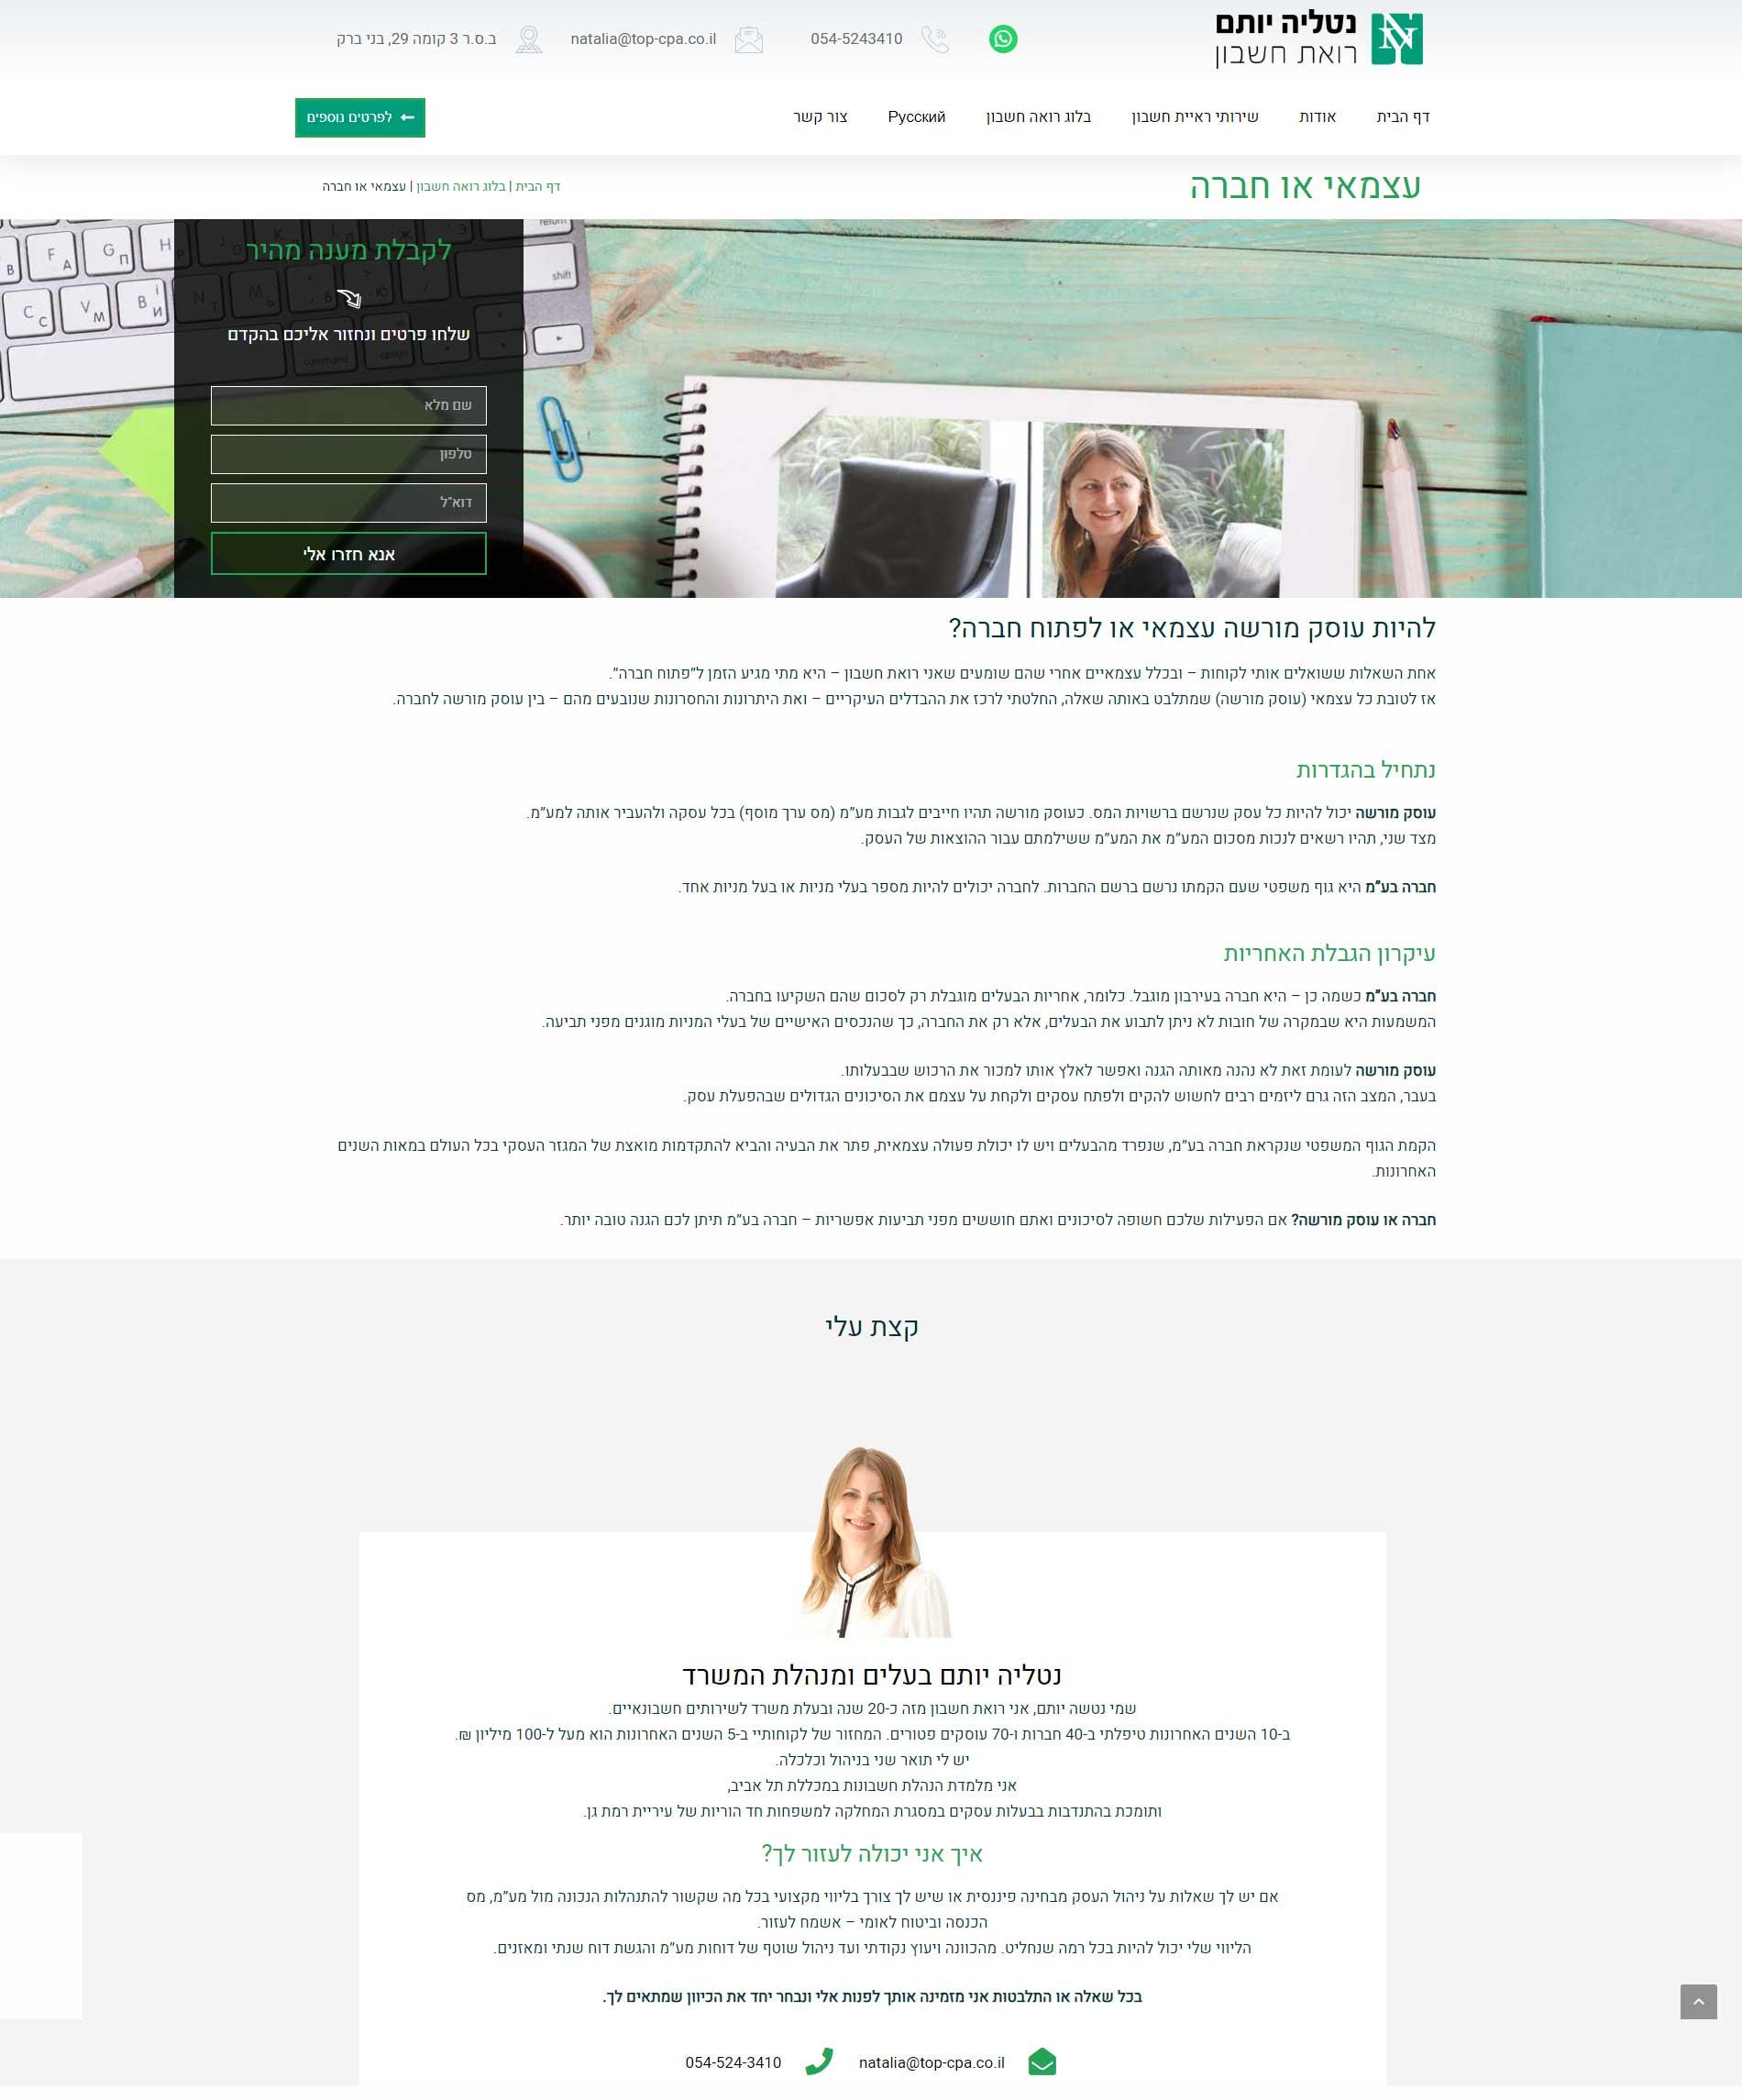 מעוף עיצובים - עיצוב ובניית אתר רואה חשבון